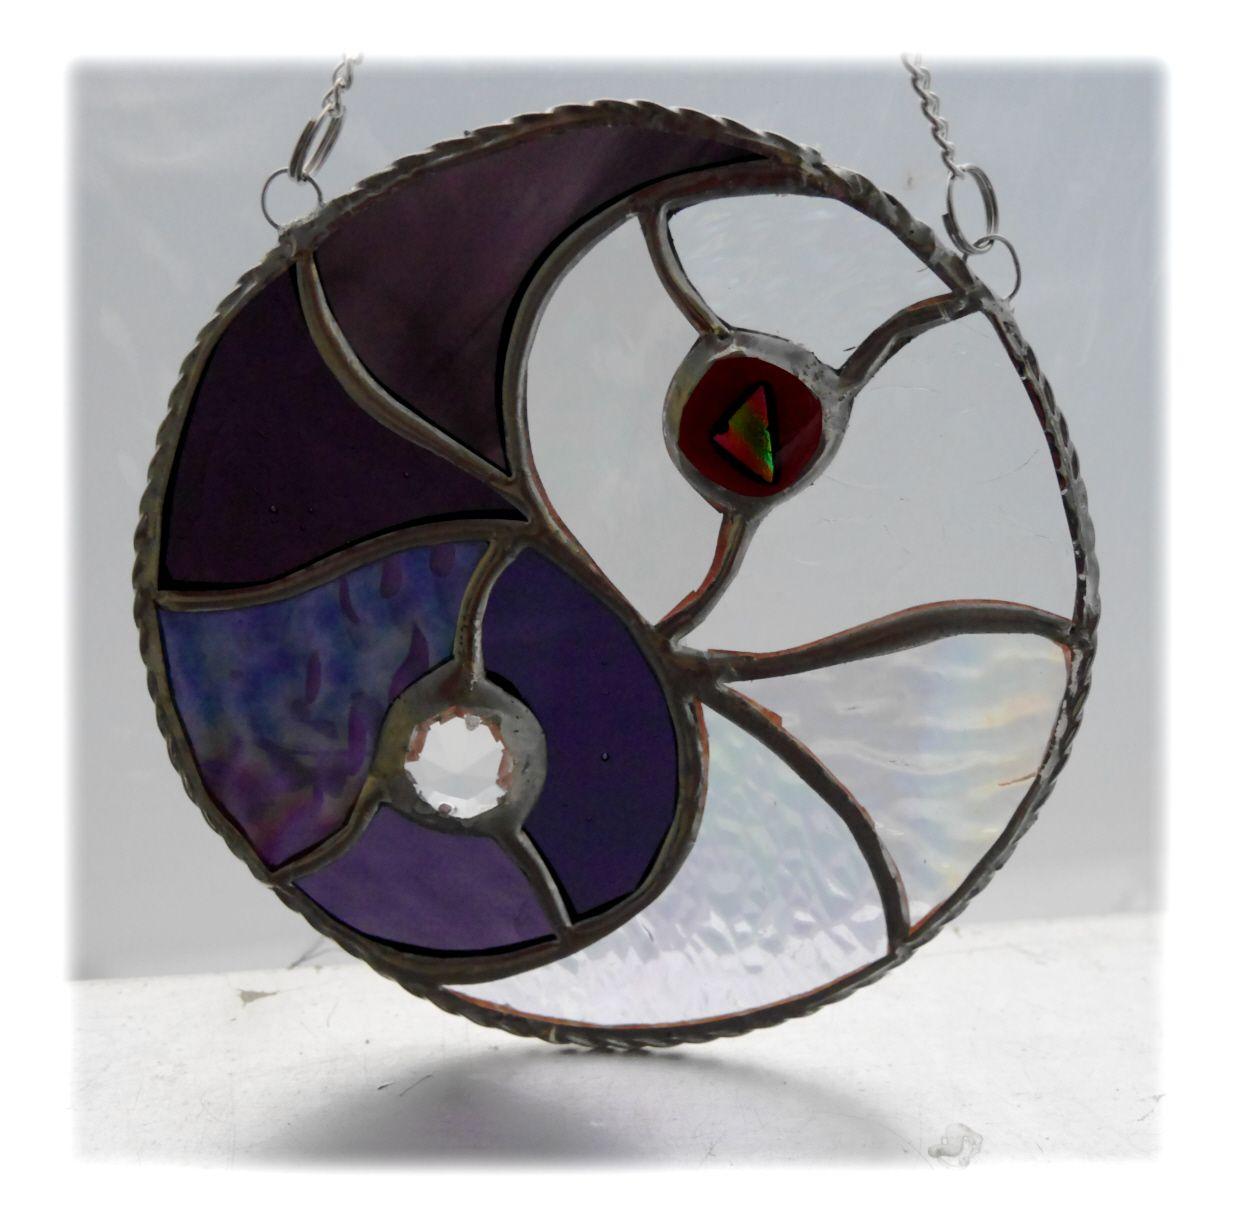 Yin Yang 009 #1812 FREE 16.00